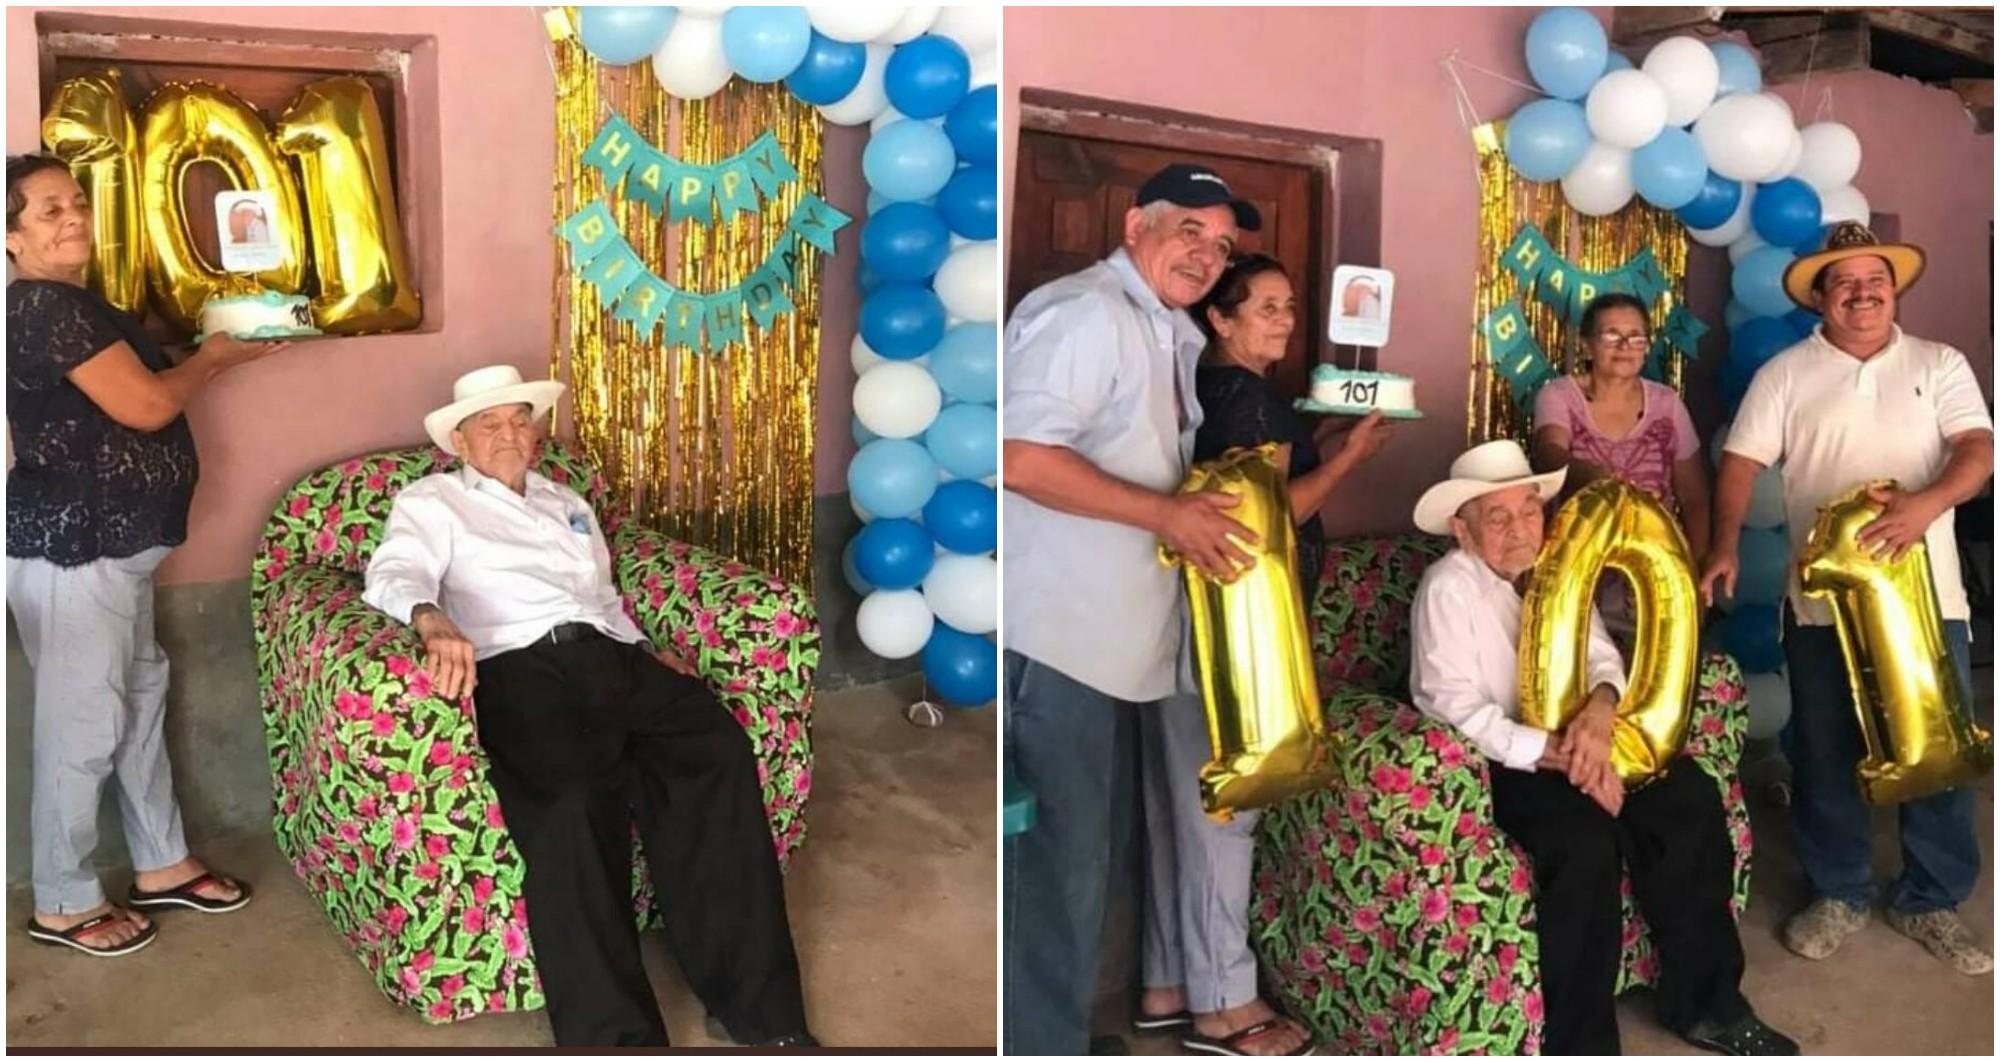 Hondureño cumplió 101 años y lo celebró rodeado de cariño